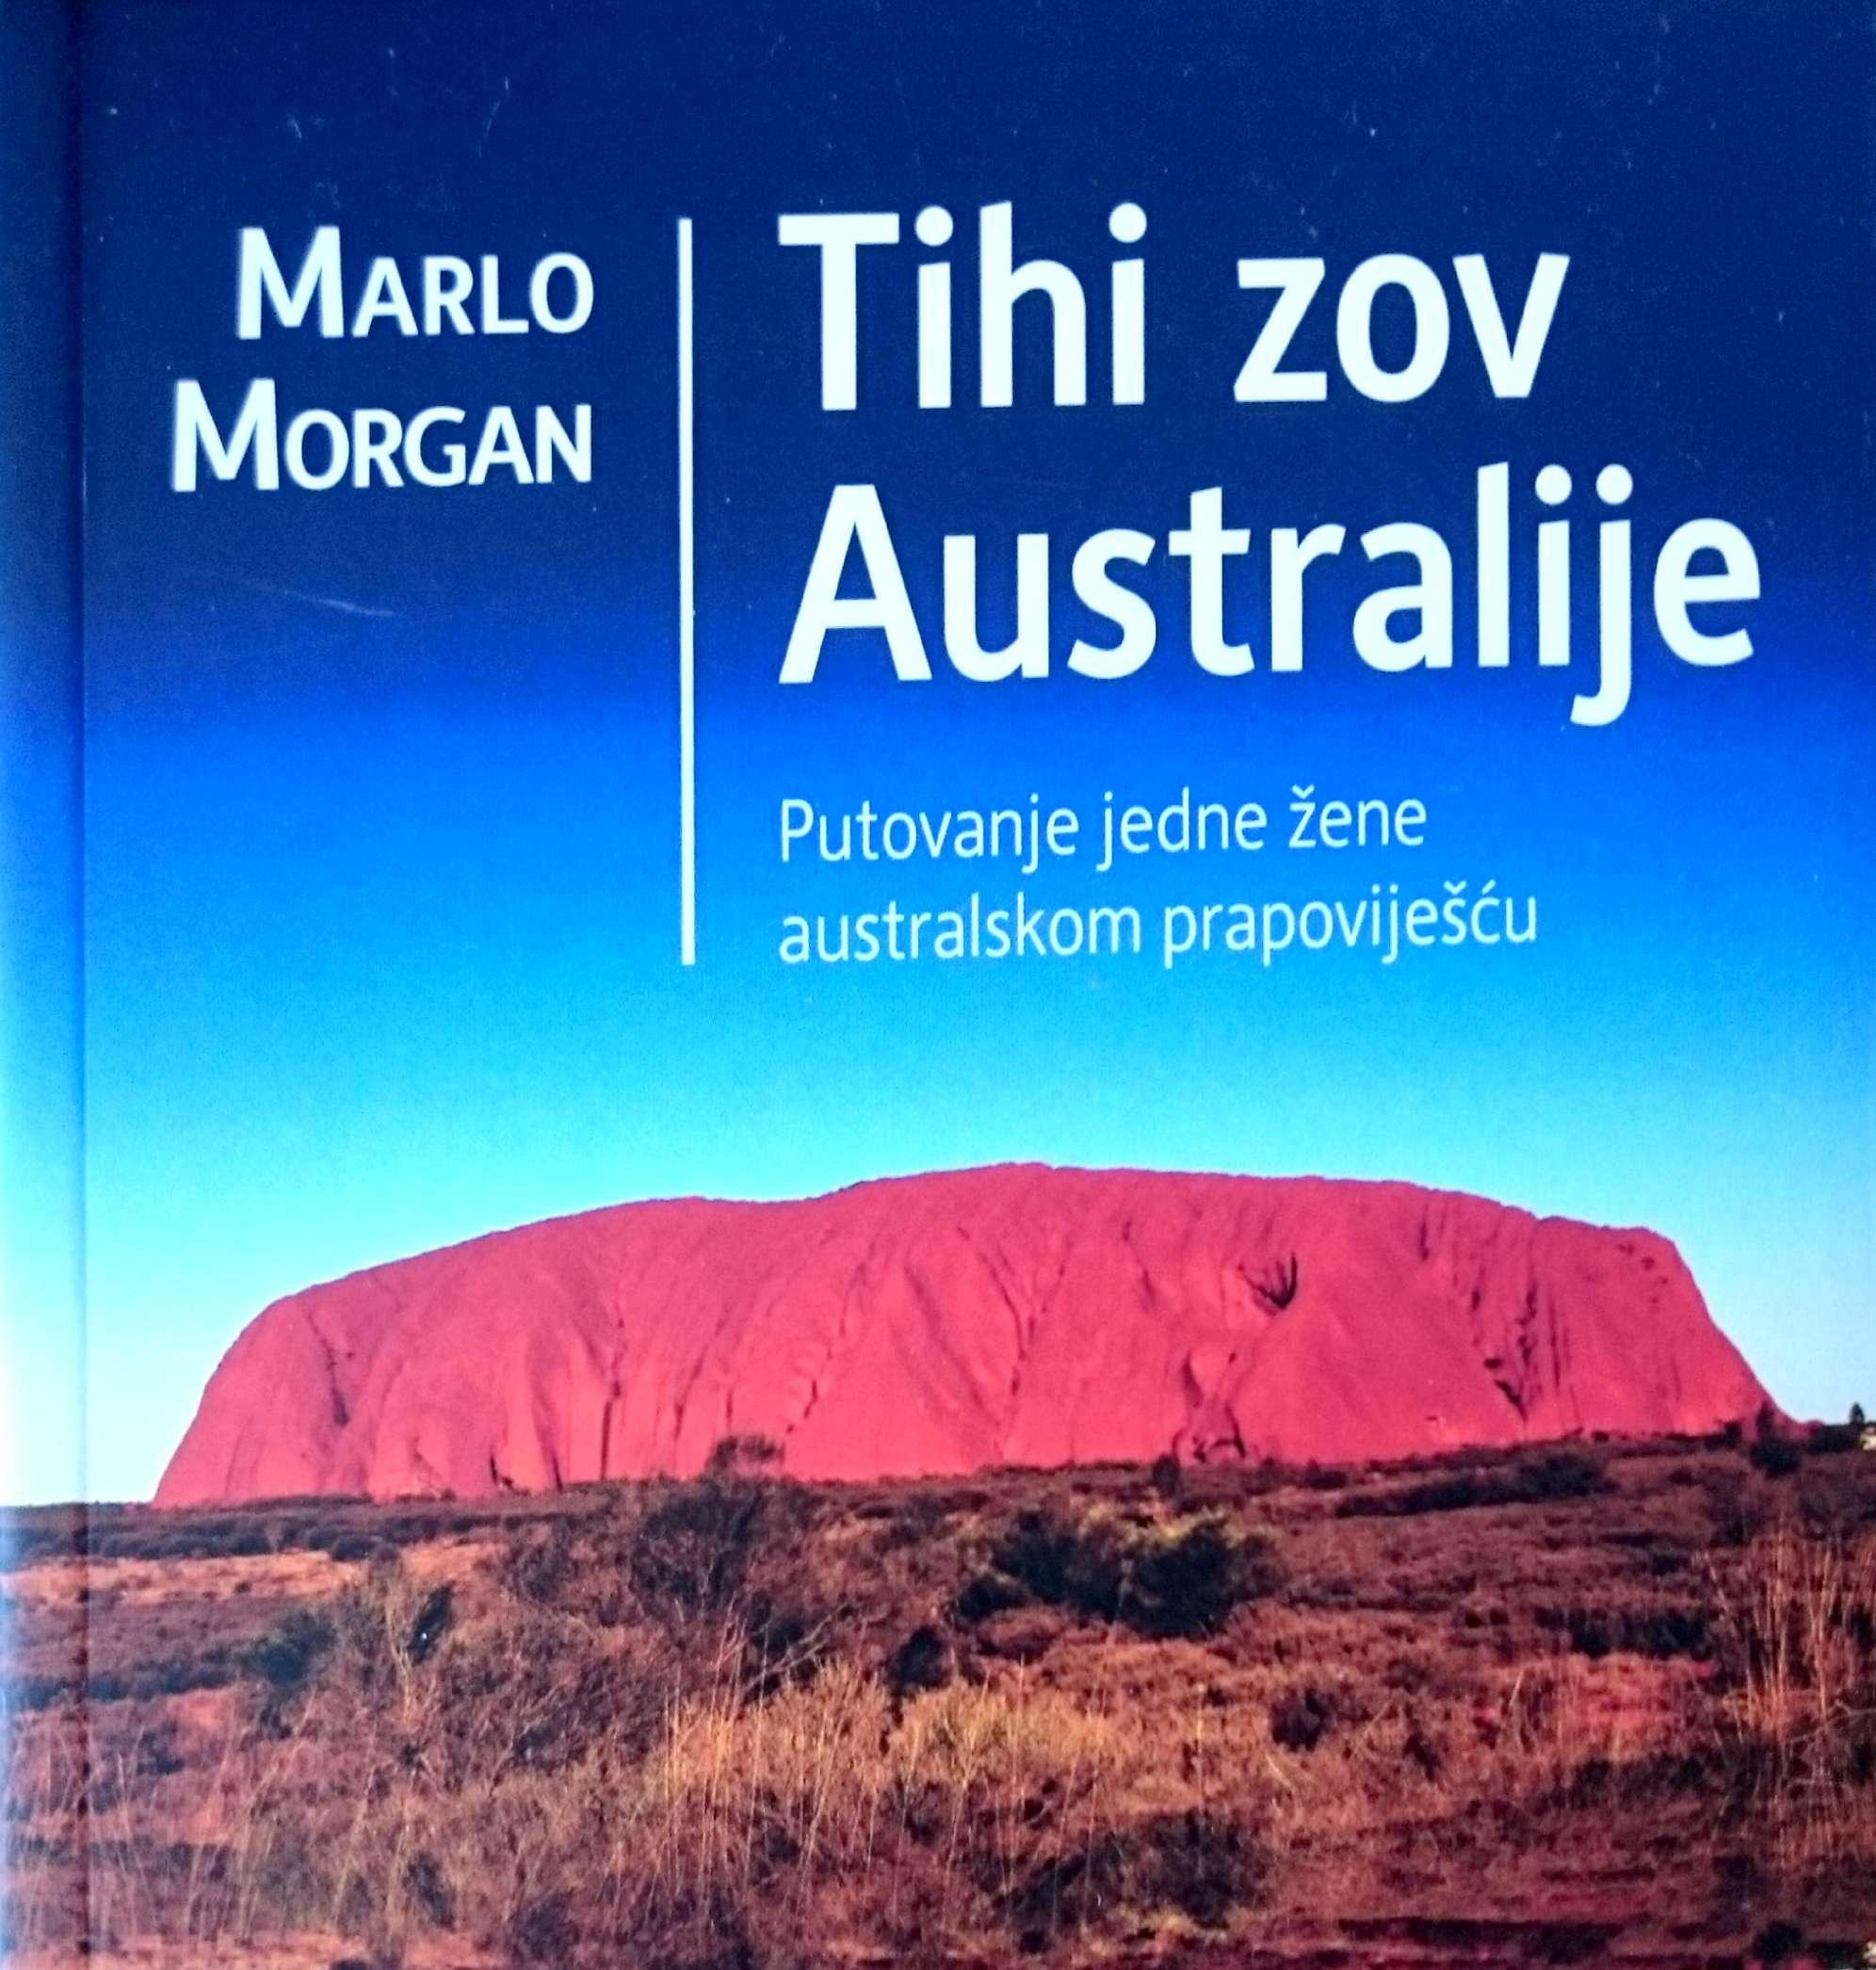 TIHI ZOV AUSTRALIJE - Naruči svoju knjigu